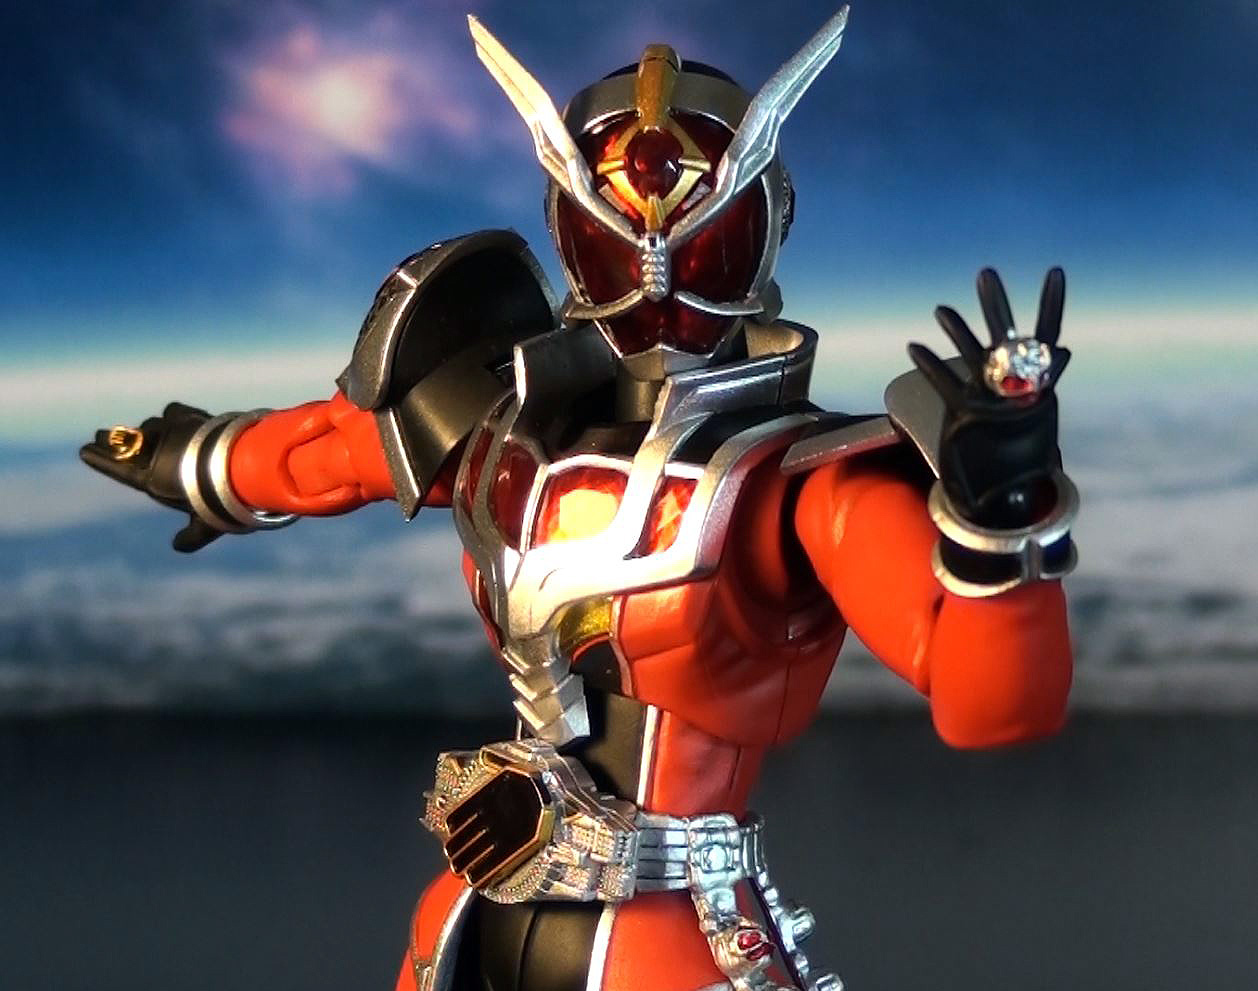 Kamen Rider Wizard Flame Dragon - Bing images